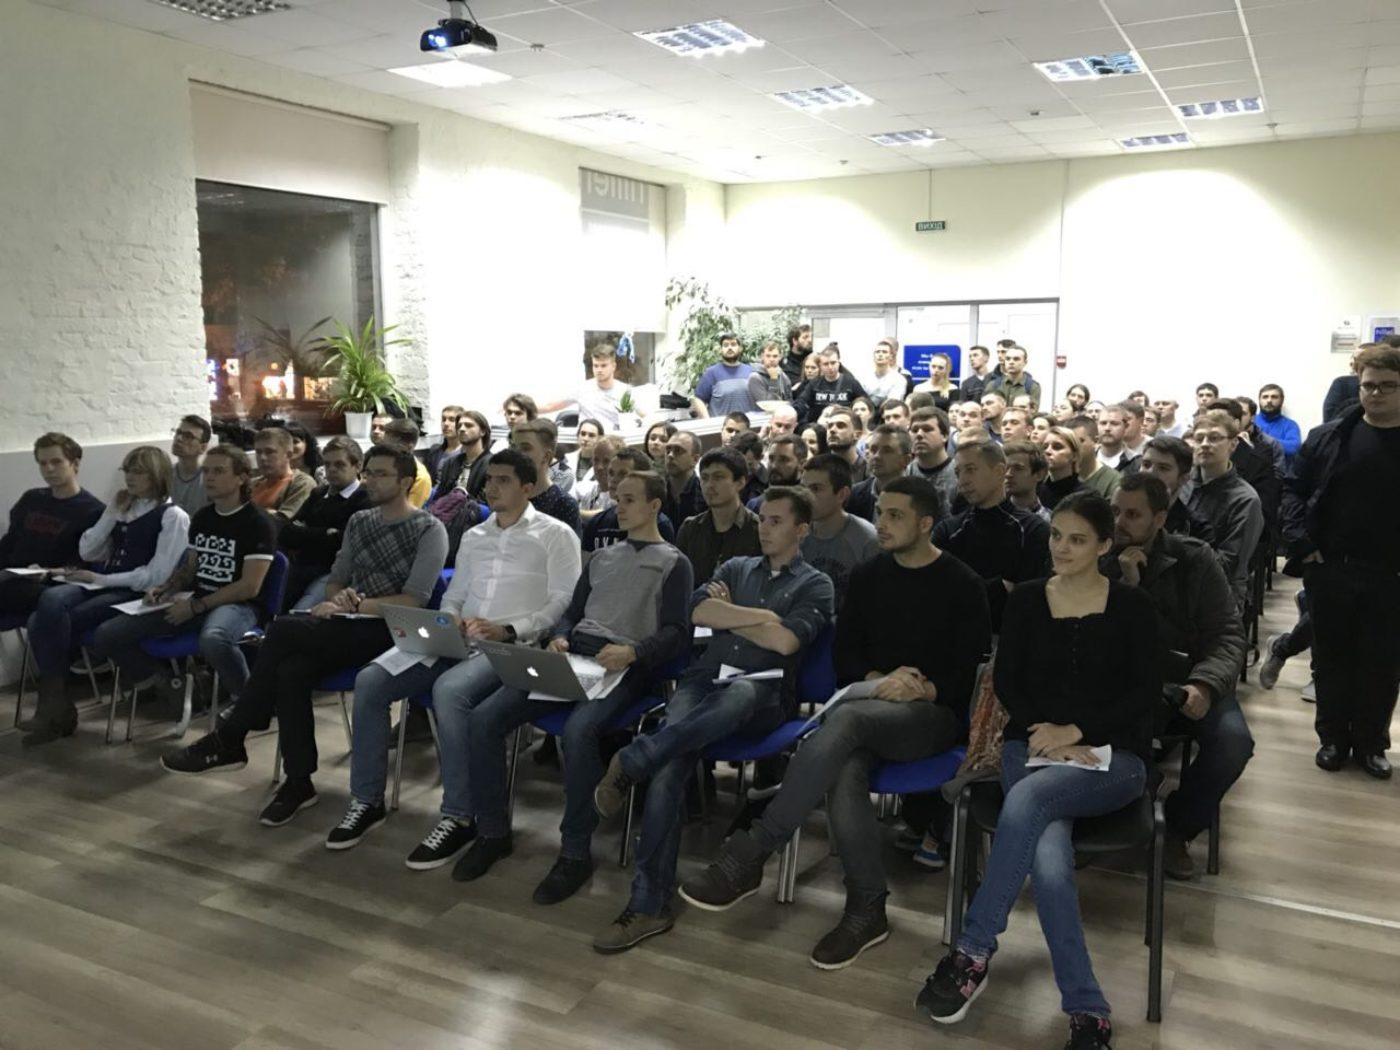 Мероприятия: Питчинг идей третьего цикла программы Hillel Evo в Одессе